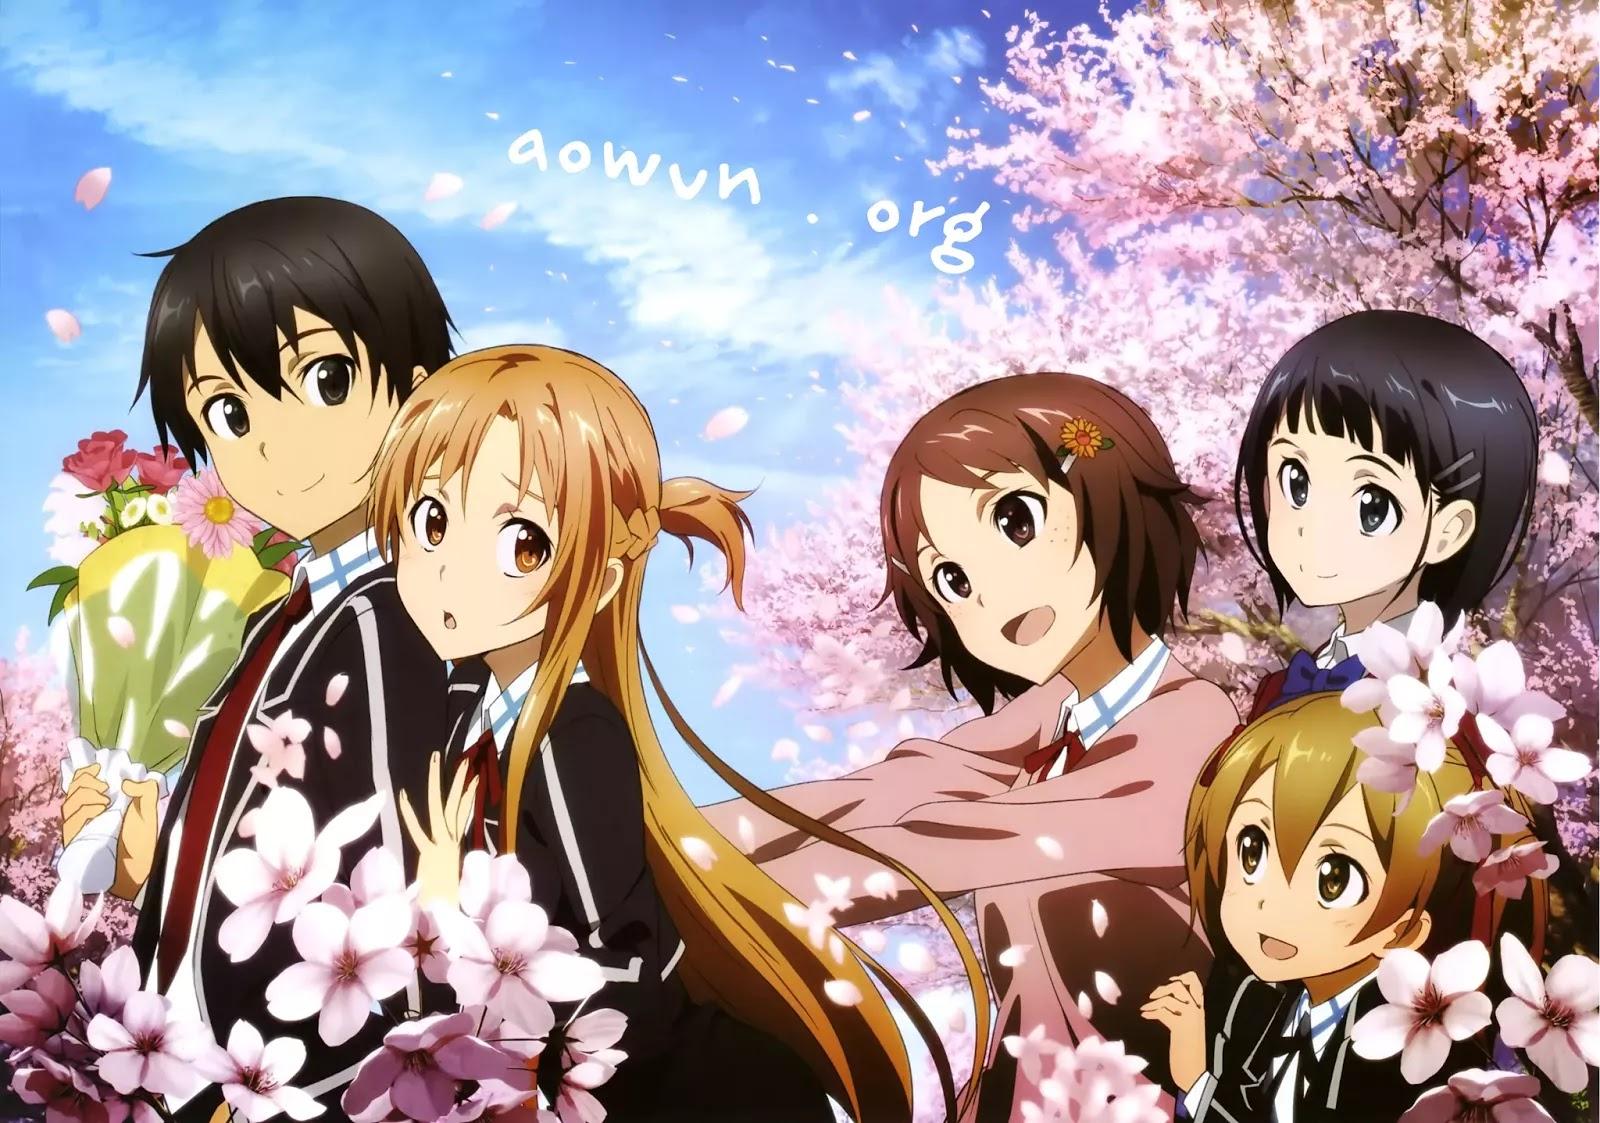 SAO AowVN.org min - [ Anime 3gp Mp4 ] Sword Art Online SS1 + SS2 BD + Movie Extra | Vietsub - Siêu Phẩm